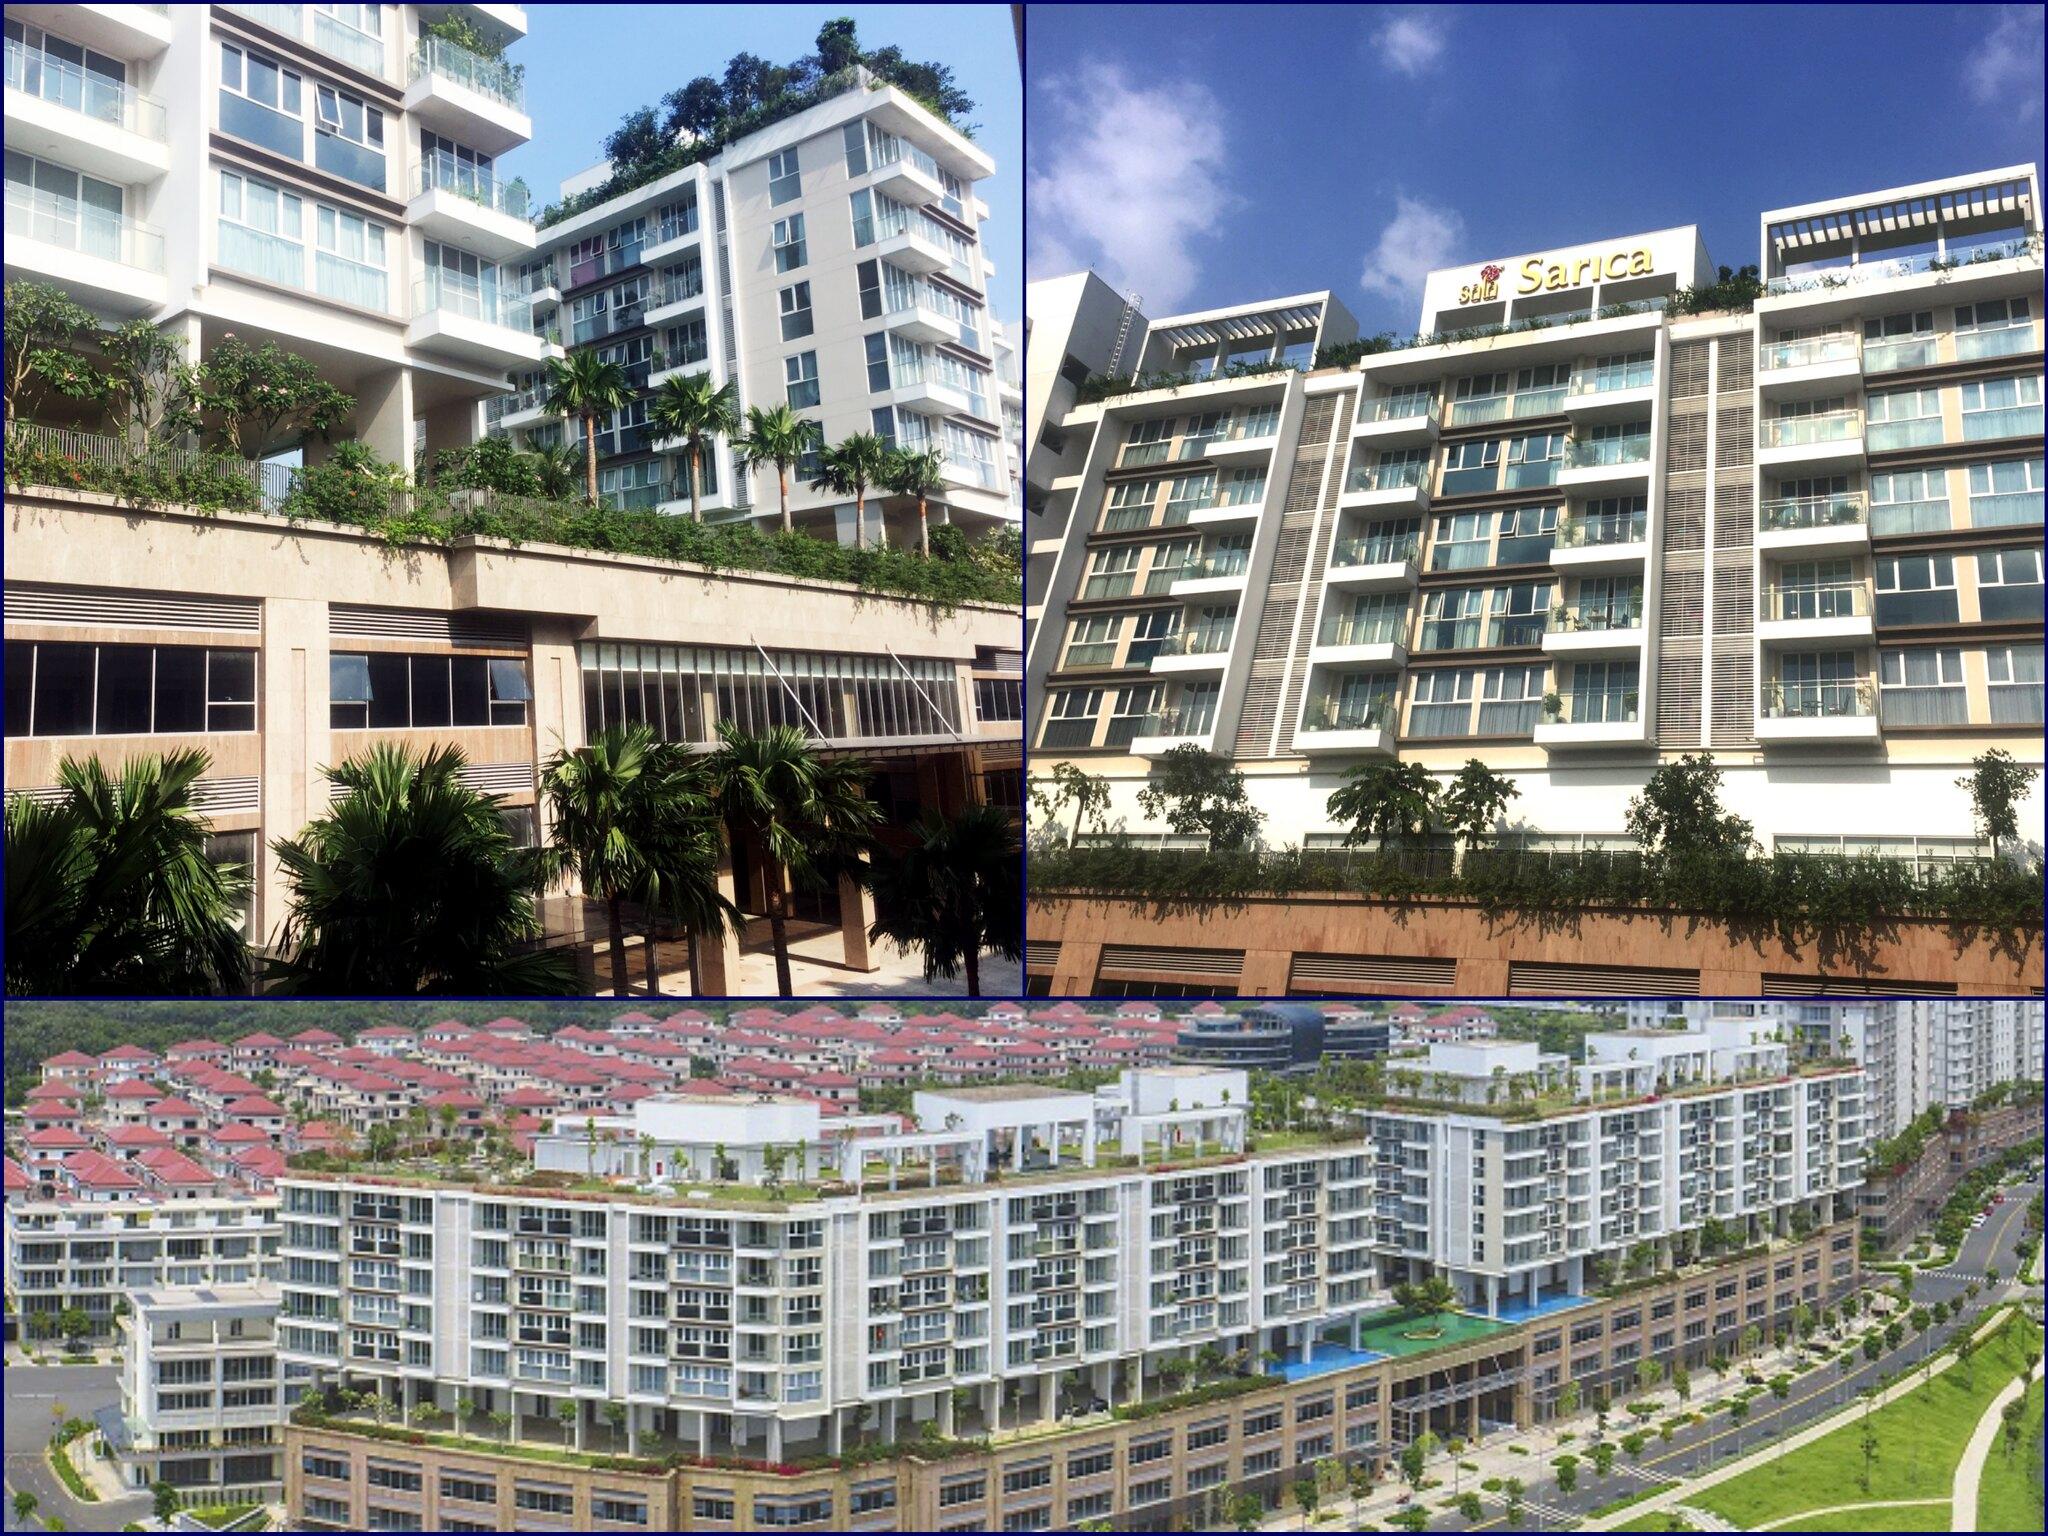 Khu căn hộ cao cấp Sarica - được xem là khu căn hộ VIP nhất tại Sala